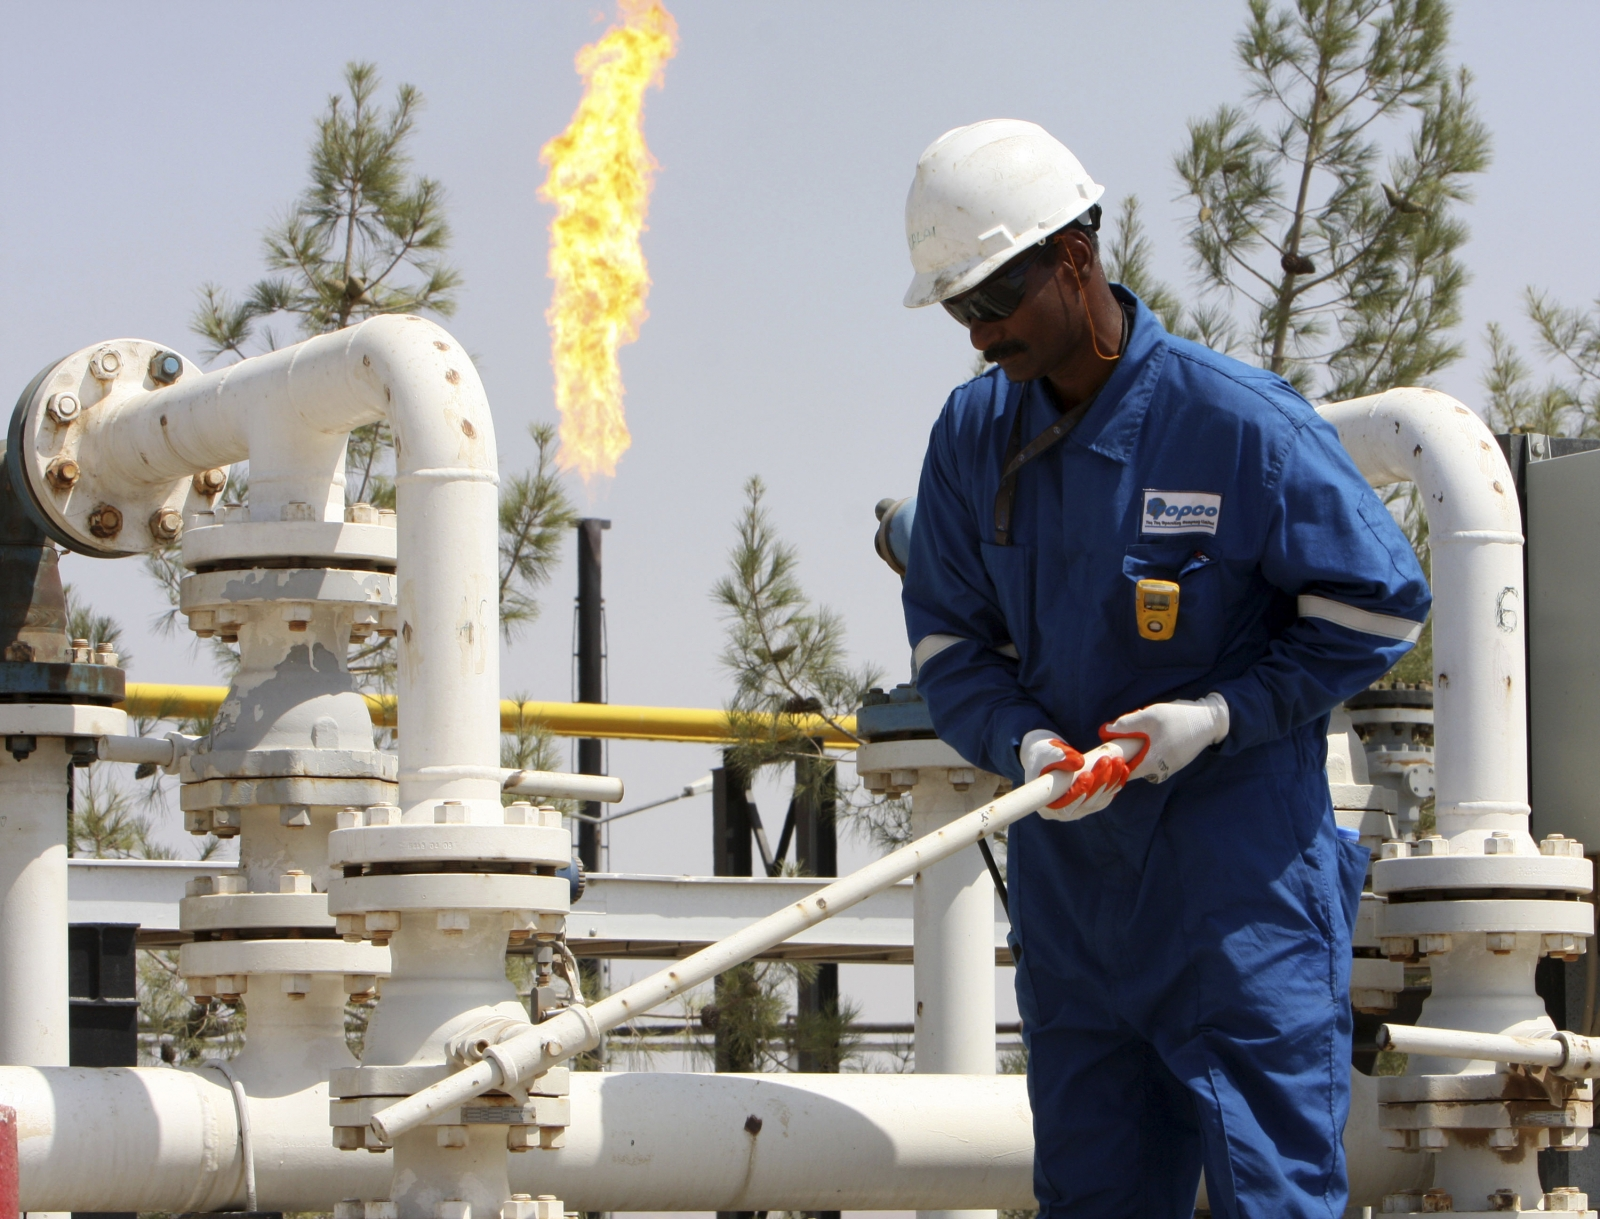 iraqi kurdistan u0026 39 s biggest oil producer genel returns after